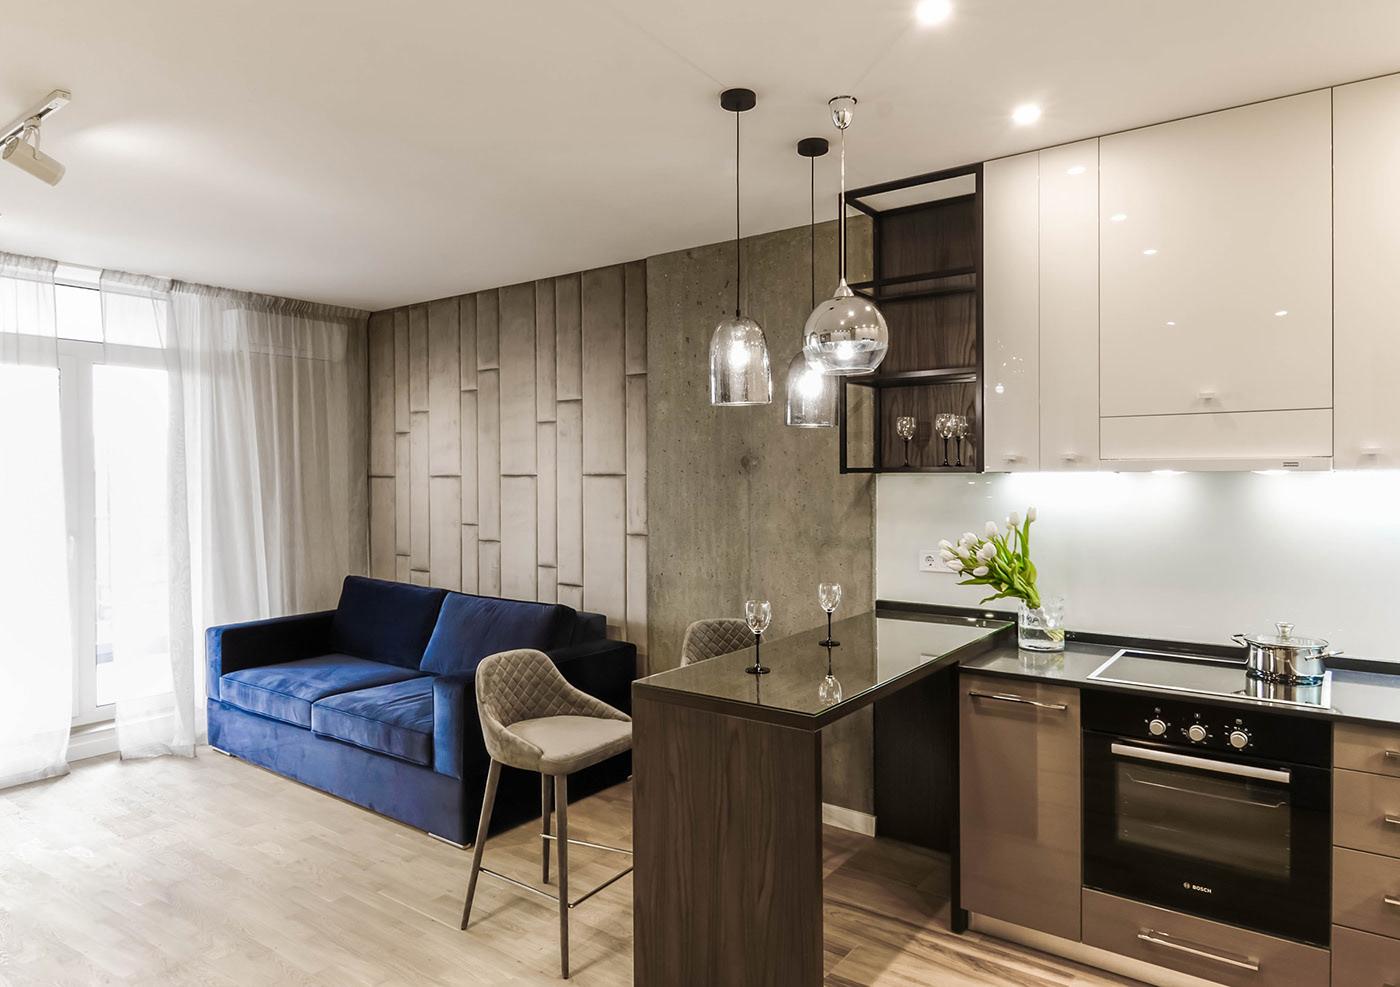 Kiến trúc sư tư vấn thiết kế cho phòng ngủ căn hộ 54m² với chi phí 15 triệu - Ảnh 4.